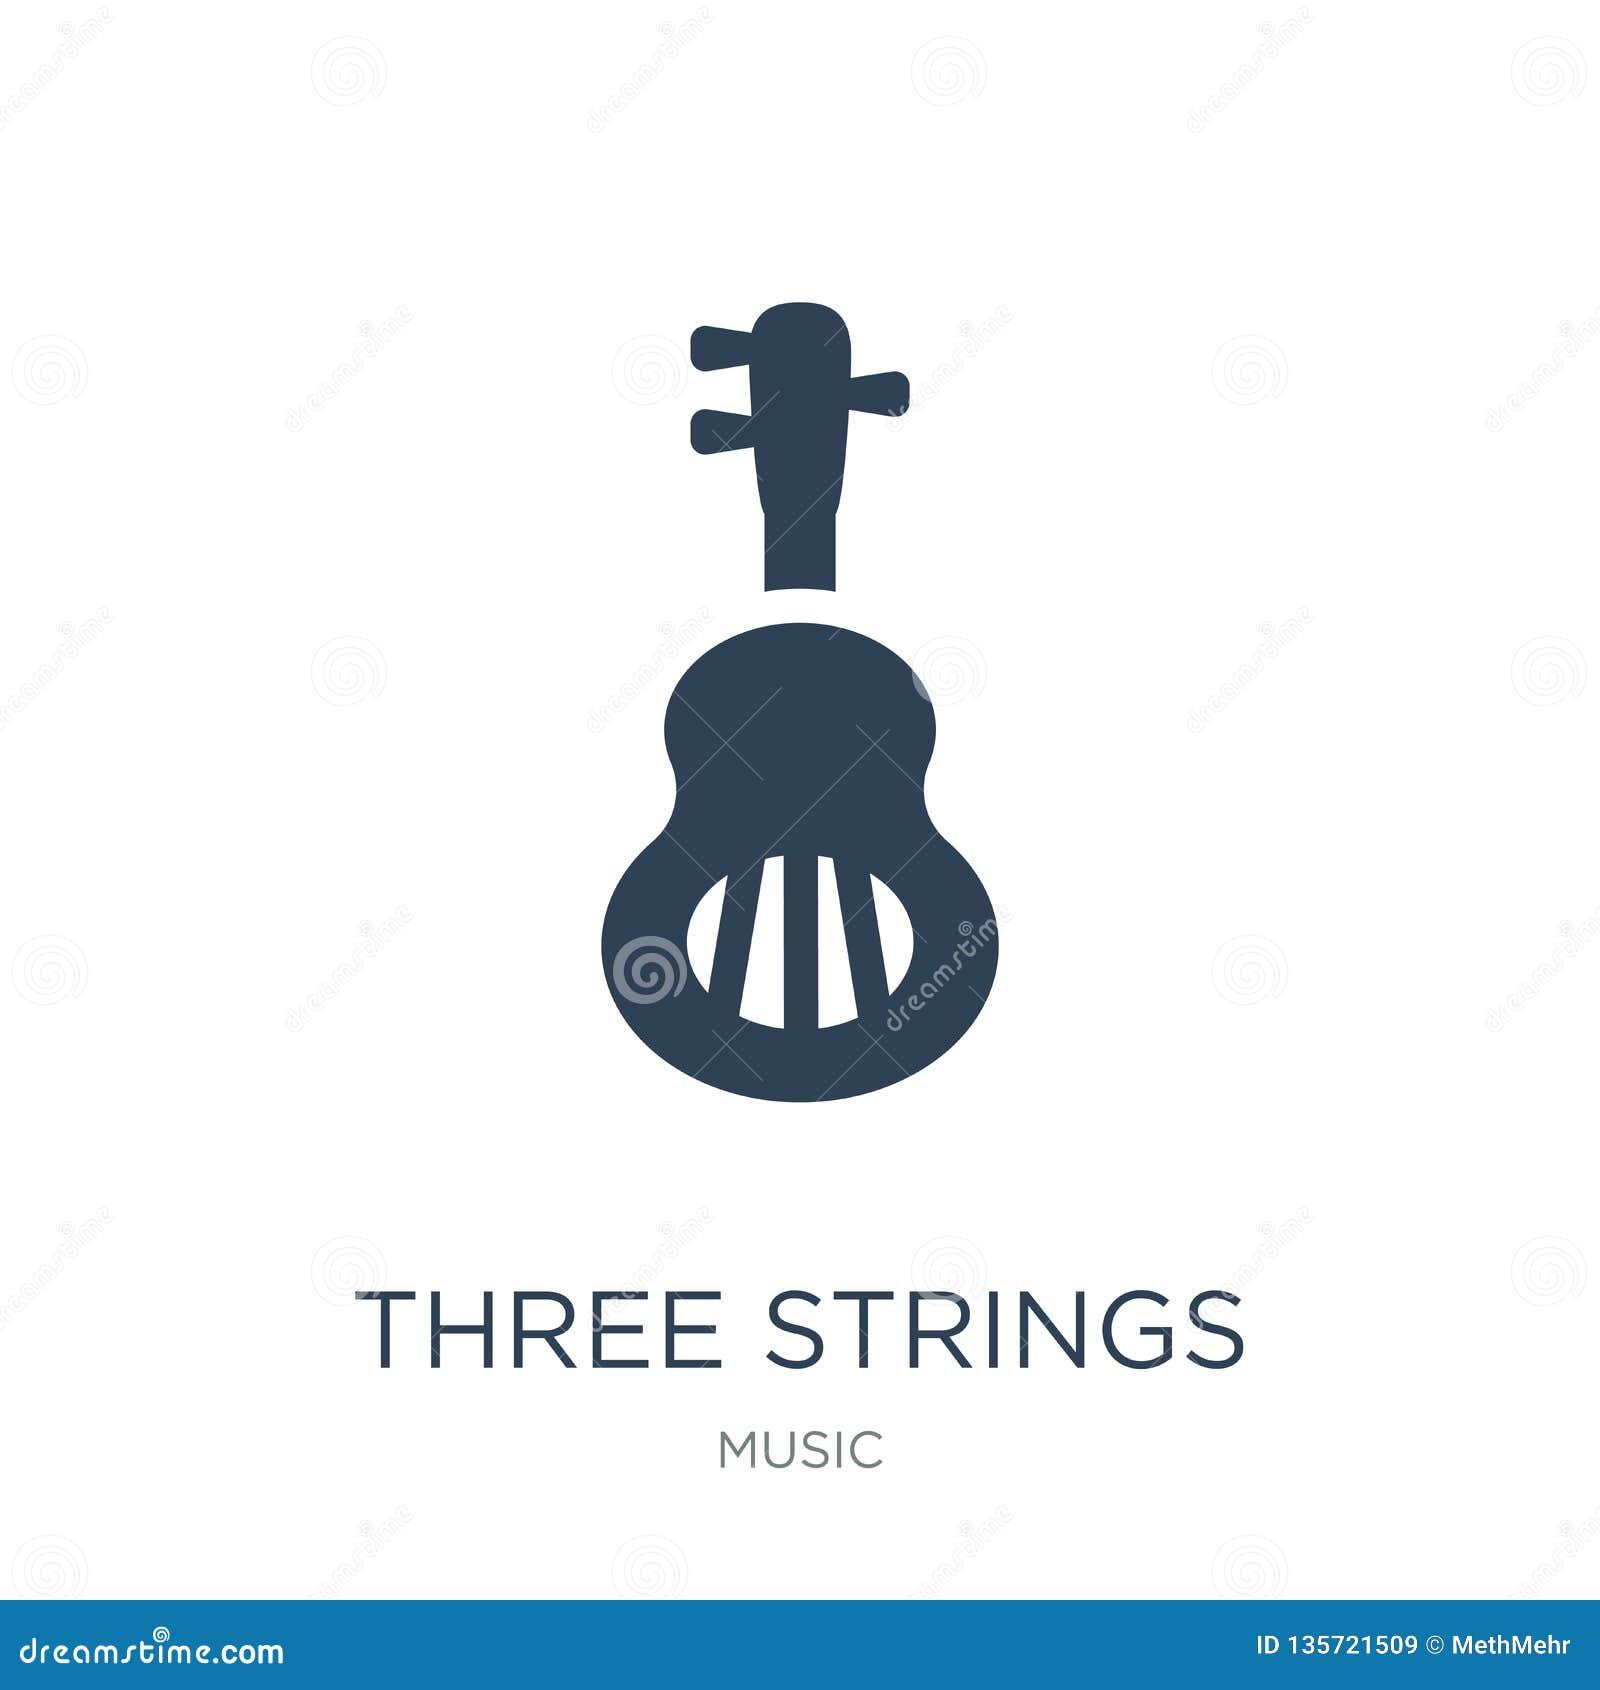 Icono de la guitarra de tres secuencias en estilo de moda del diseño icono de la guitarra de tres secuencias aislado en el fondo